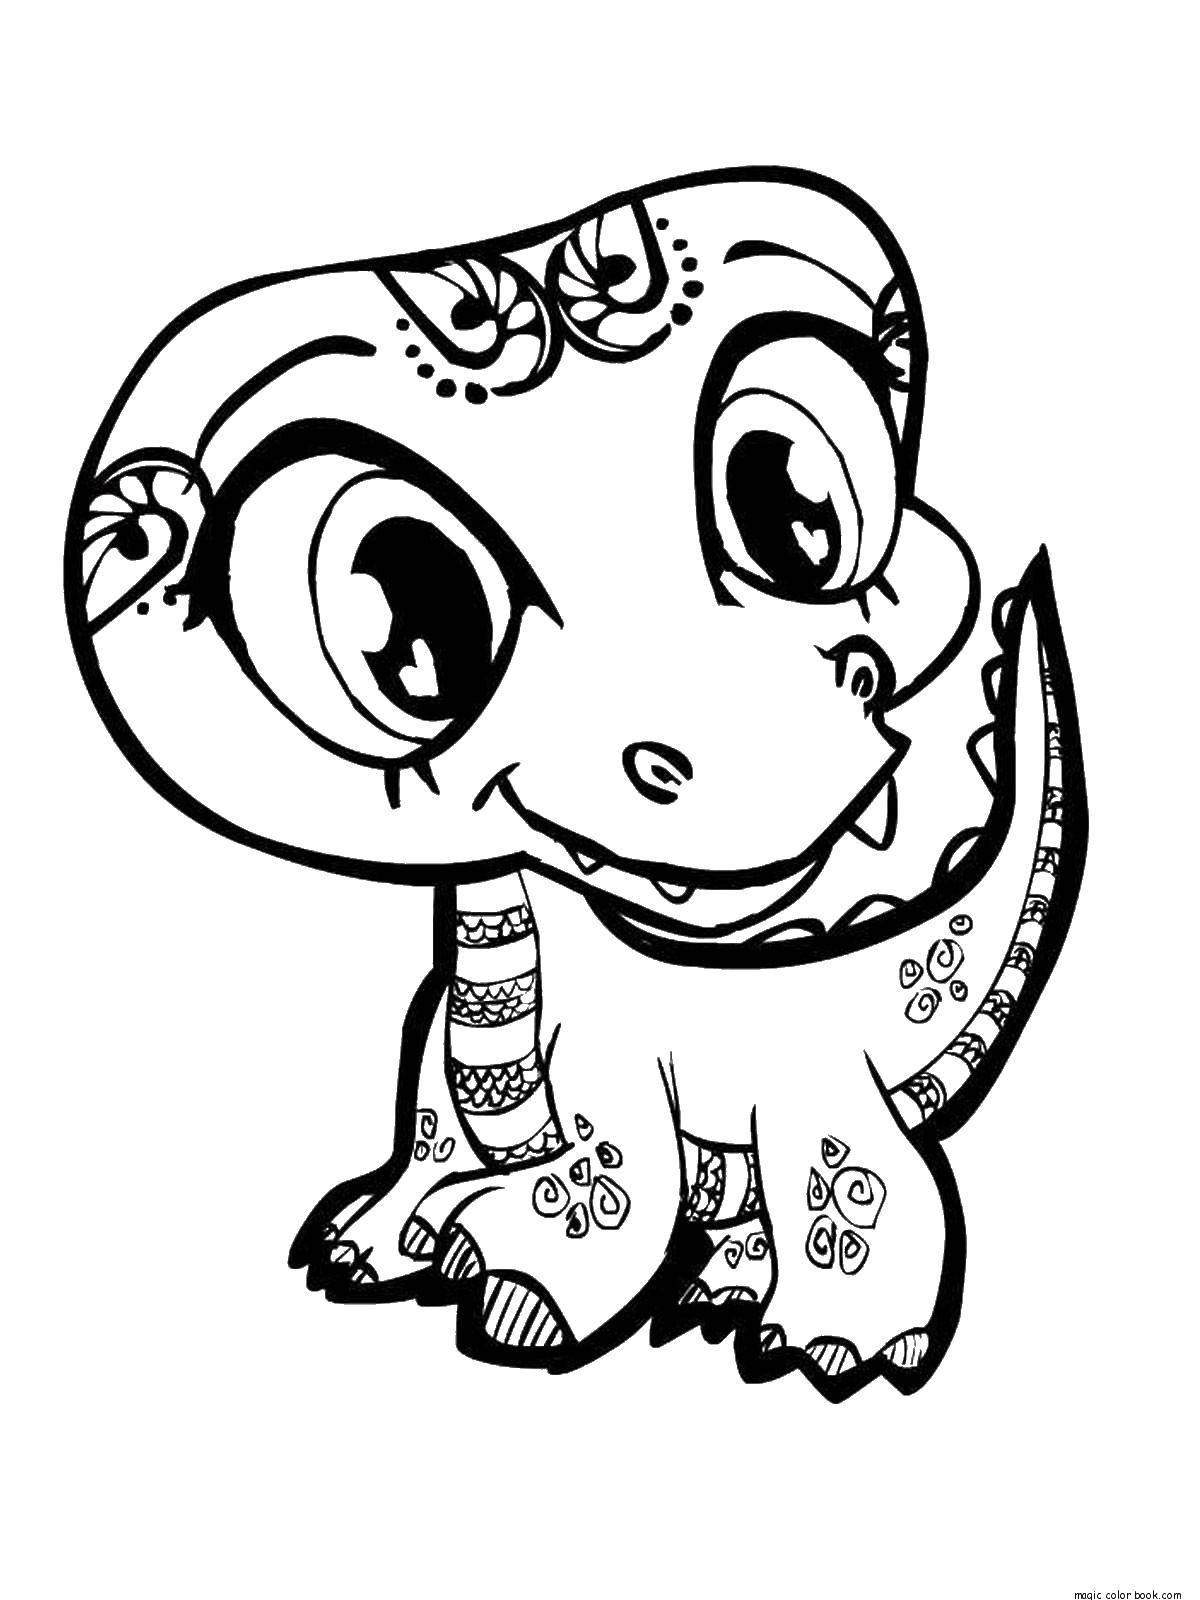 Раскраска Расписной крокодильчик. Скачать животные, узоры, крокодильчик.  Распечатать ,животные,